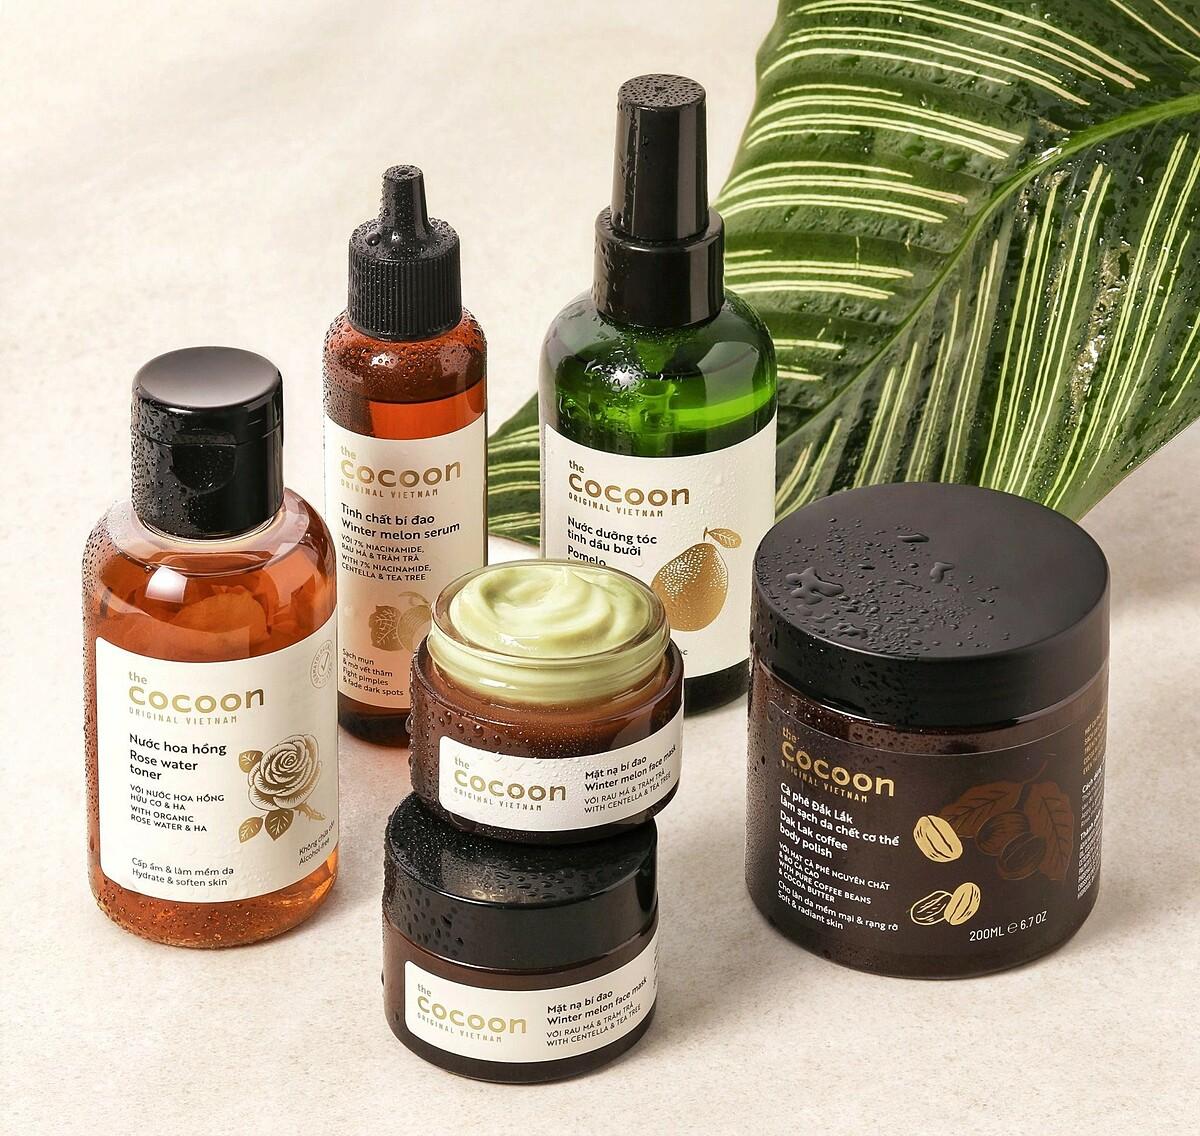 Các sản phẩm của Cocoon mang đến những giải pháp mới cho làn da, mái tóc người Việt. Ảnh: Tín Phát